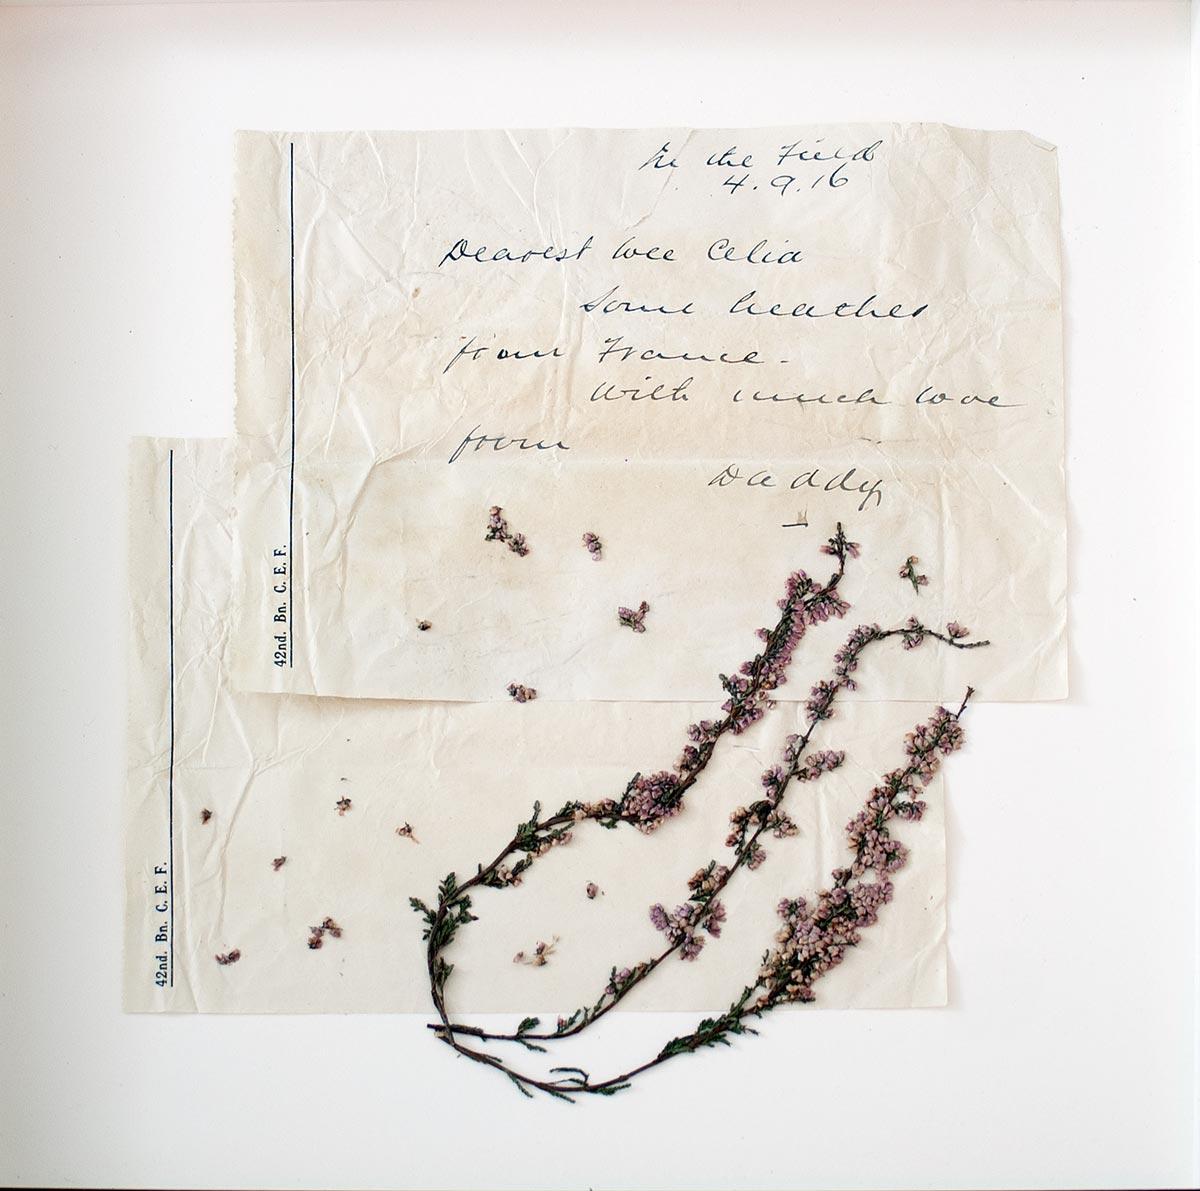 Solitude - lettre | Fleurs d'Armes - Une exposition artisitique itinérante | www.fleursdarmes.ca